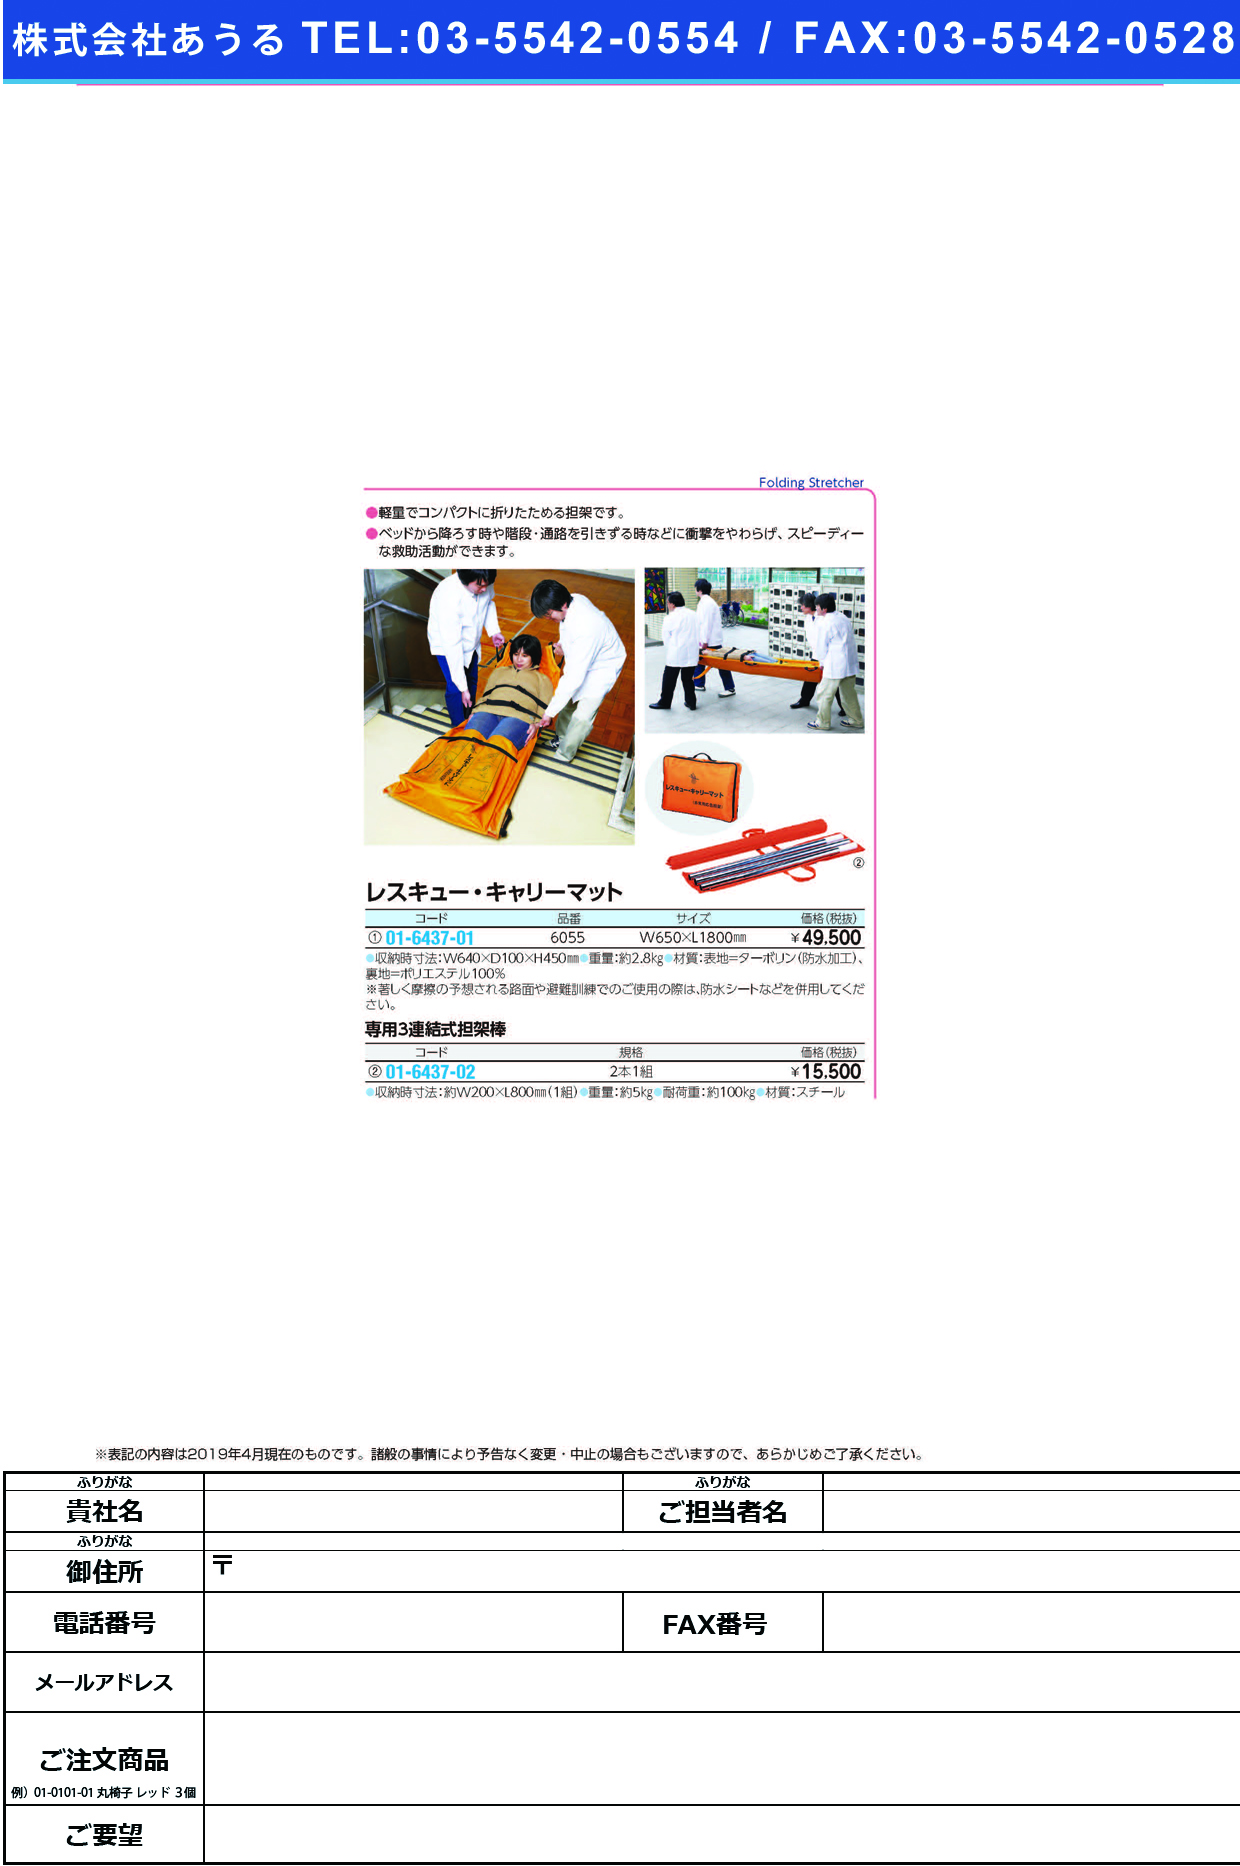 (01-6437-01)レスキューキャリーマット 6055 レスキューキャリーマット【1個単位】【2019年カタログ商品】